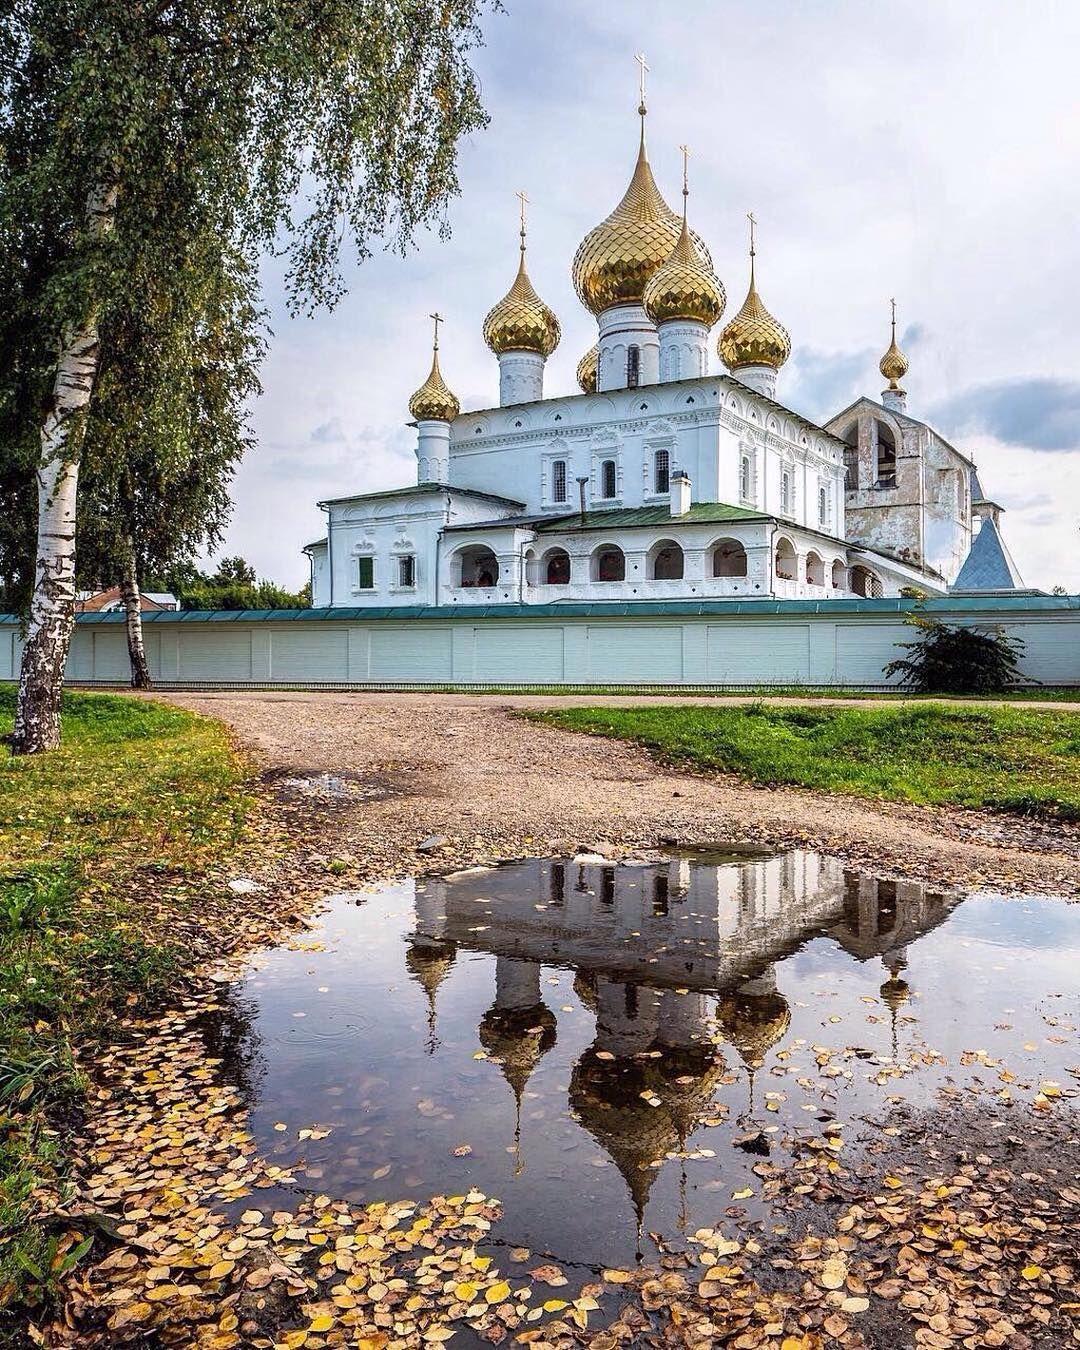 Деревянный монастырь картинки этом минигороде